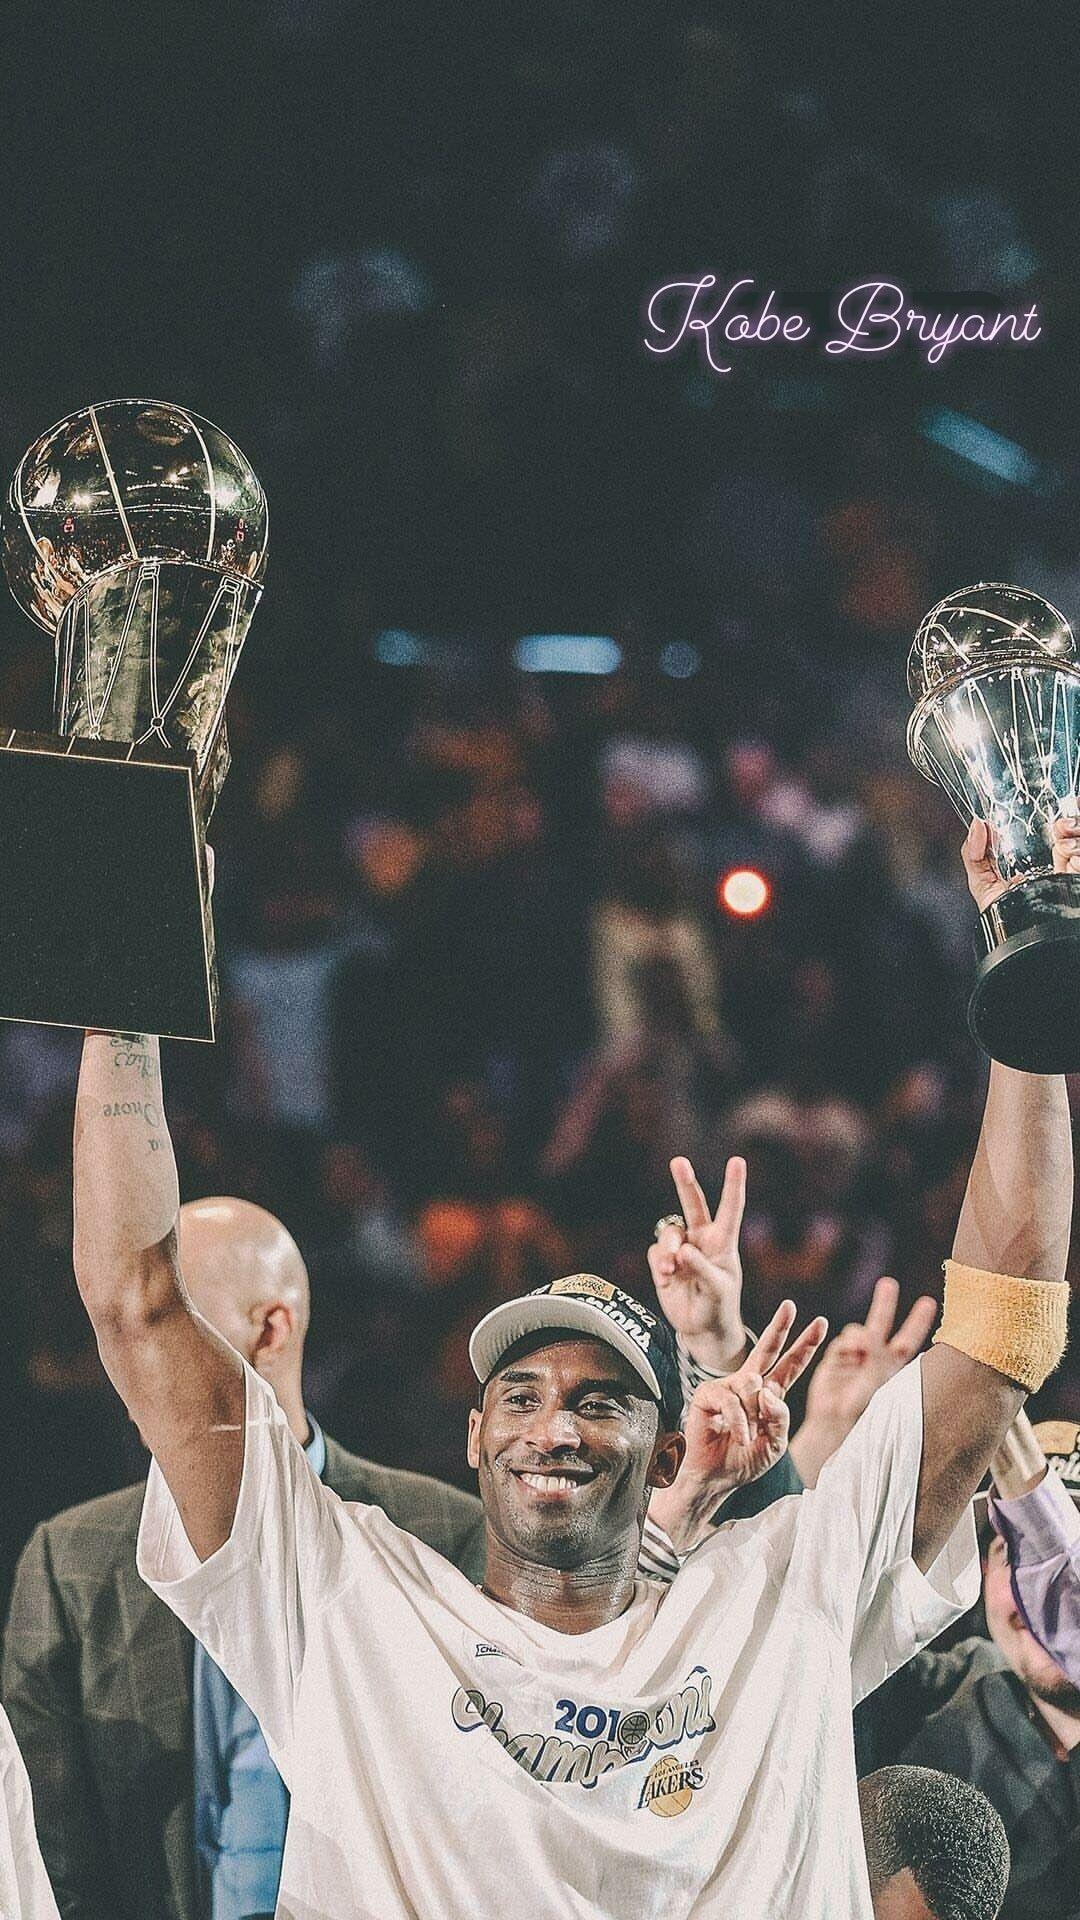 Kobe Bryant Wallpaper Wallpapers Iphone In 2020 Kobe Bryant Kobe Bryant Iphone Wallpaper Kobe Bryant Wallpaper